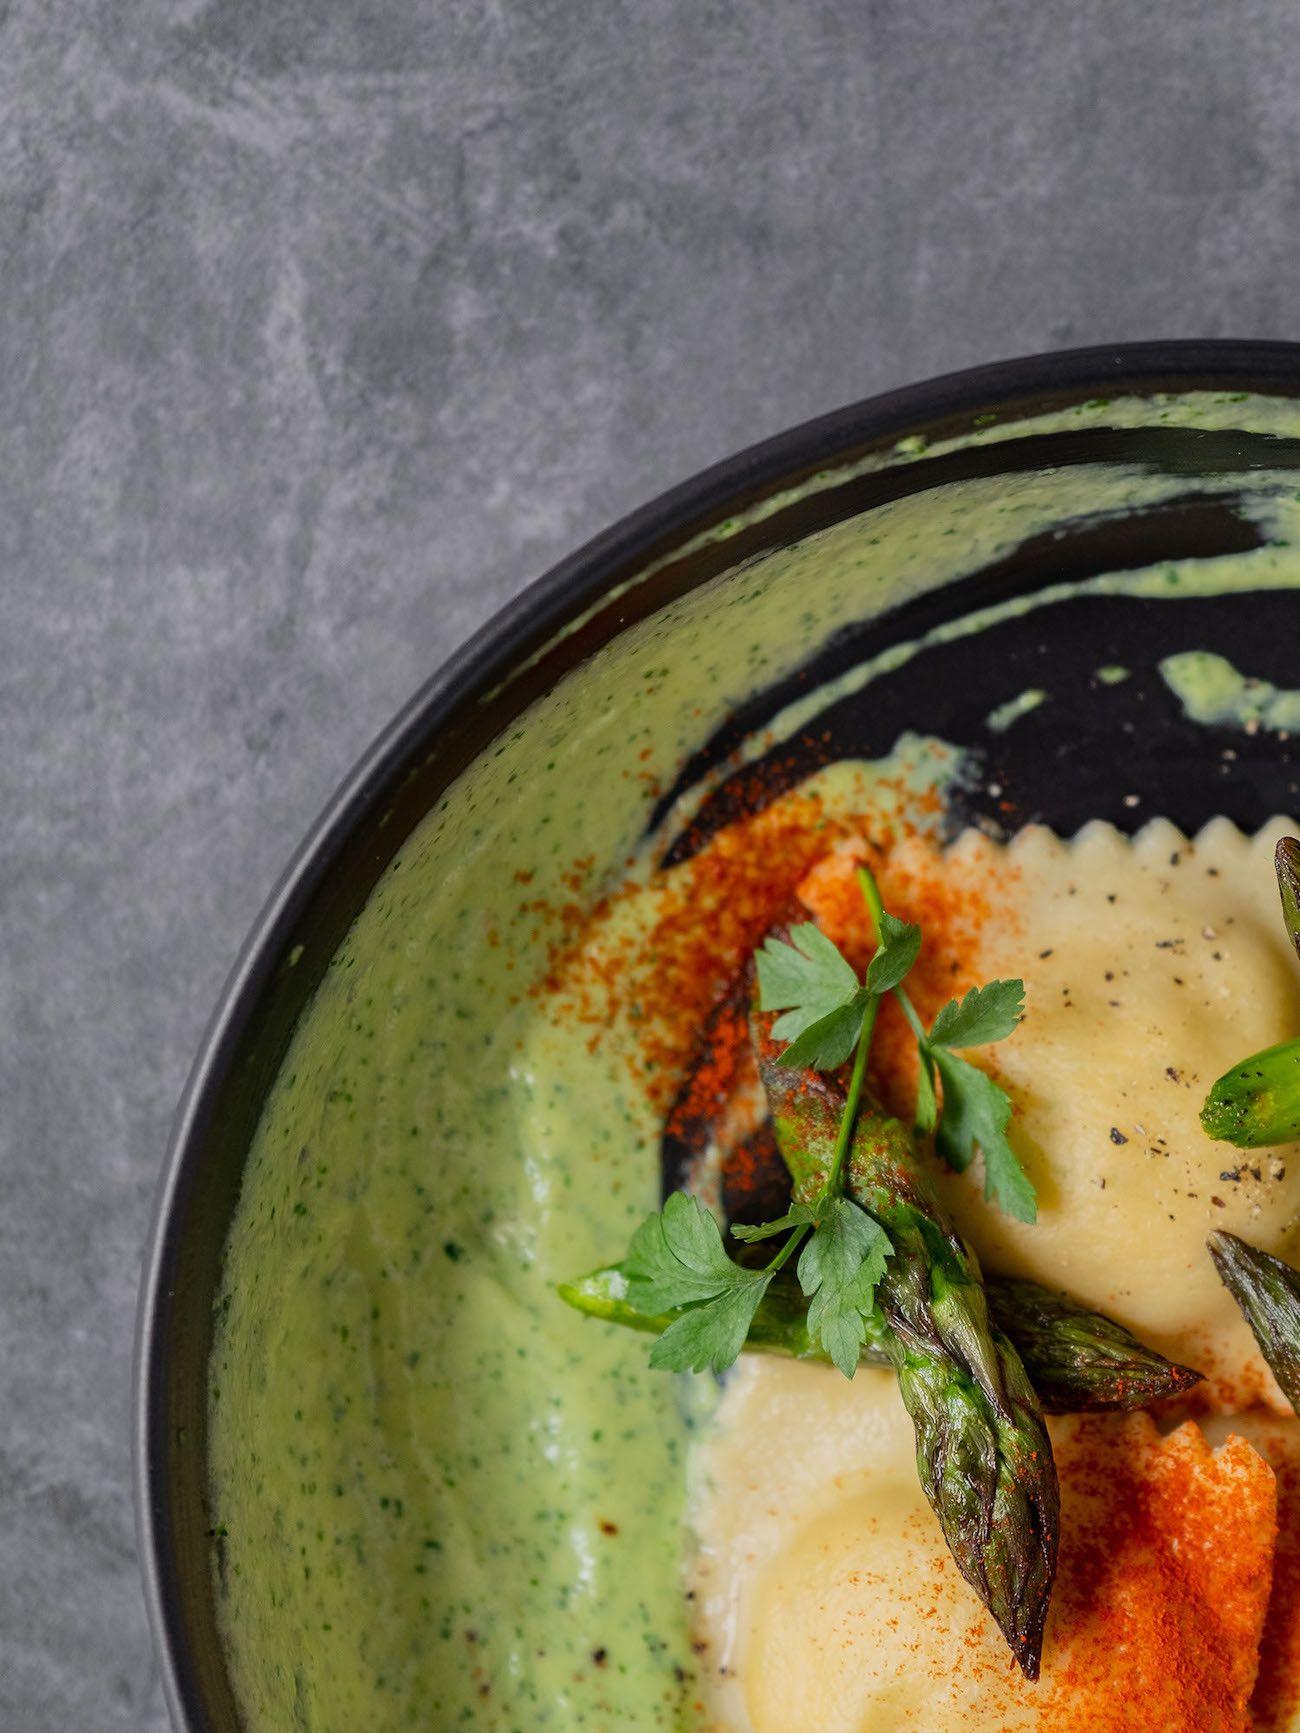 Foodblog, About Fuel, Rezept, Lachsravioli auf Spargel-Kräuter-Mayonnaise und Spargelspitzen, Paprikapulver, Petersilie